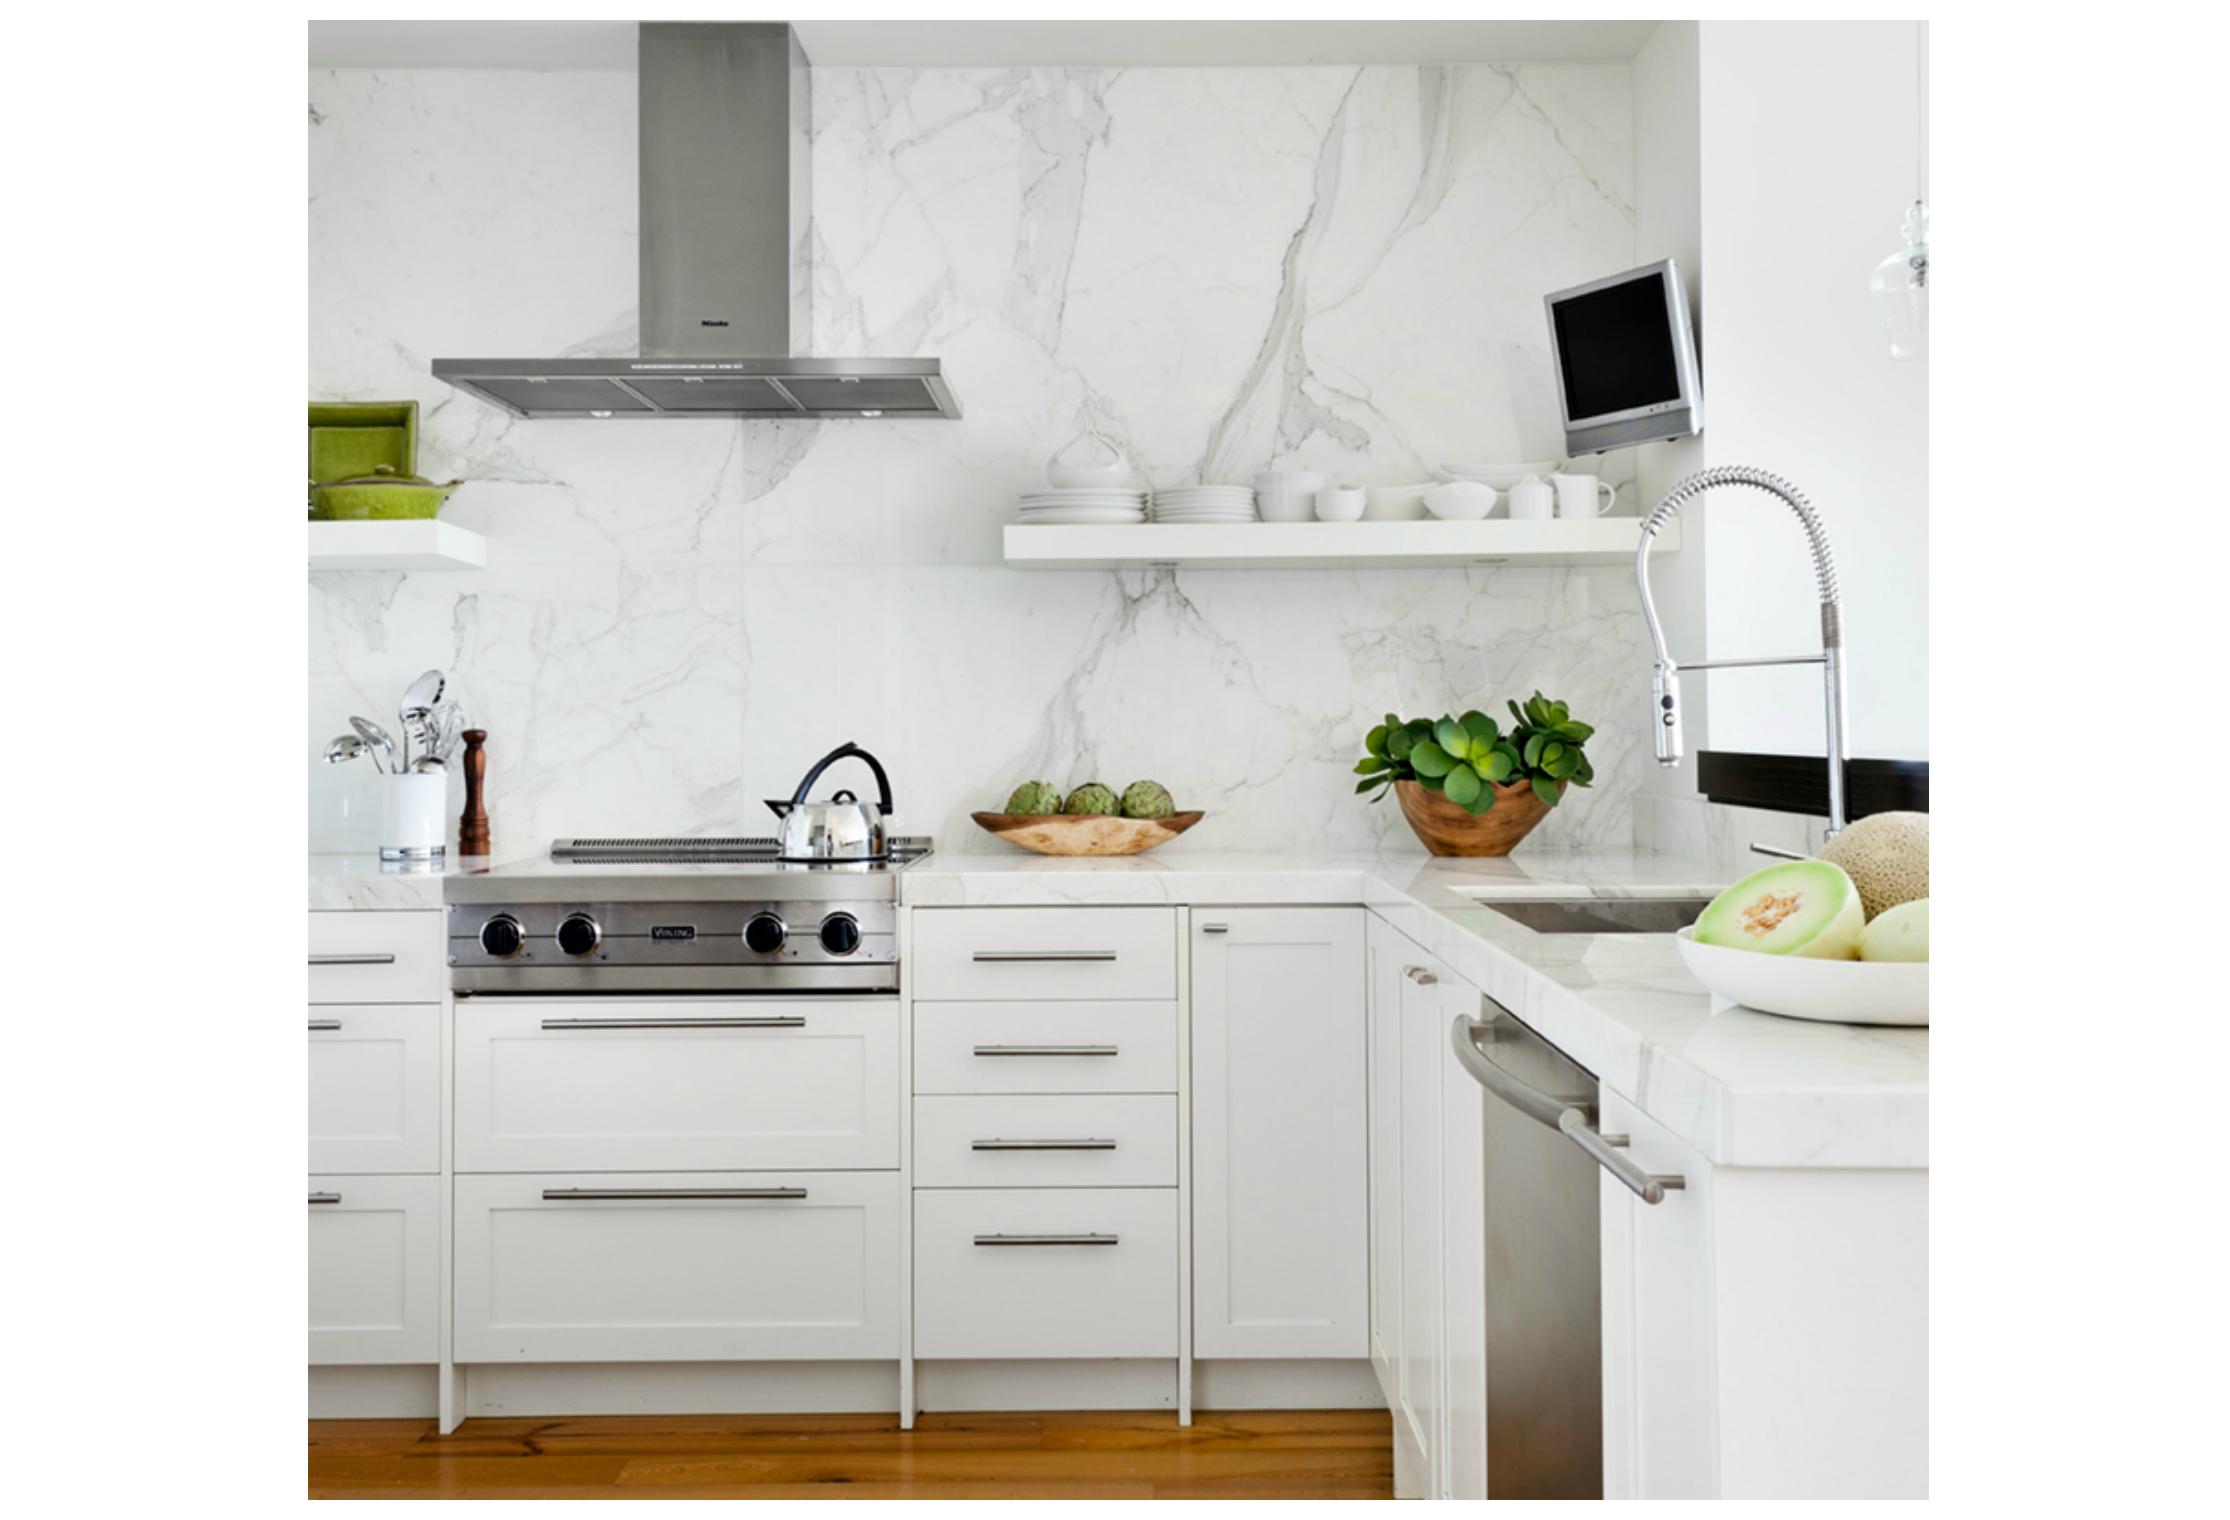 Kitchen-test-2230x1500.jpg